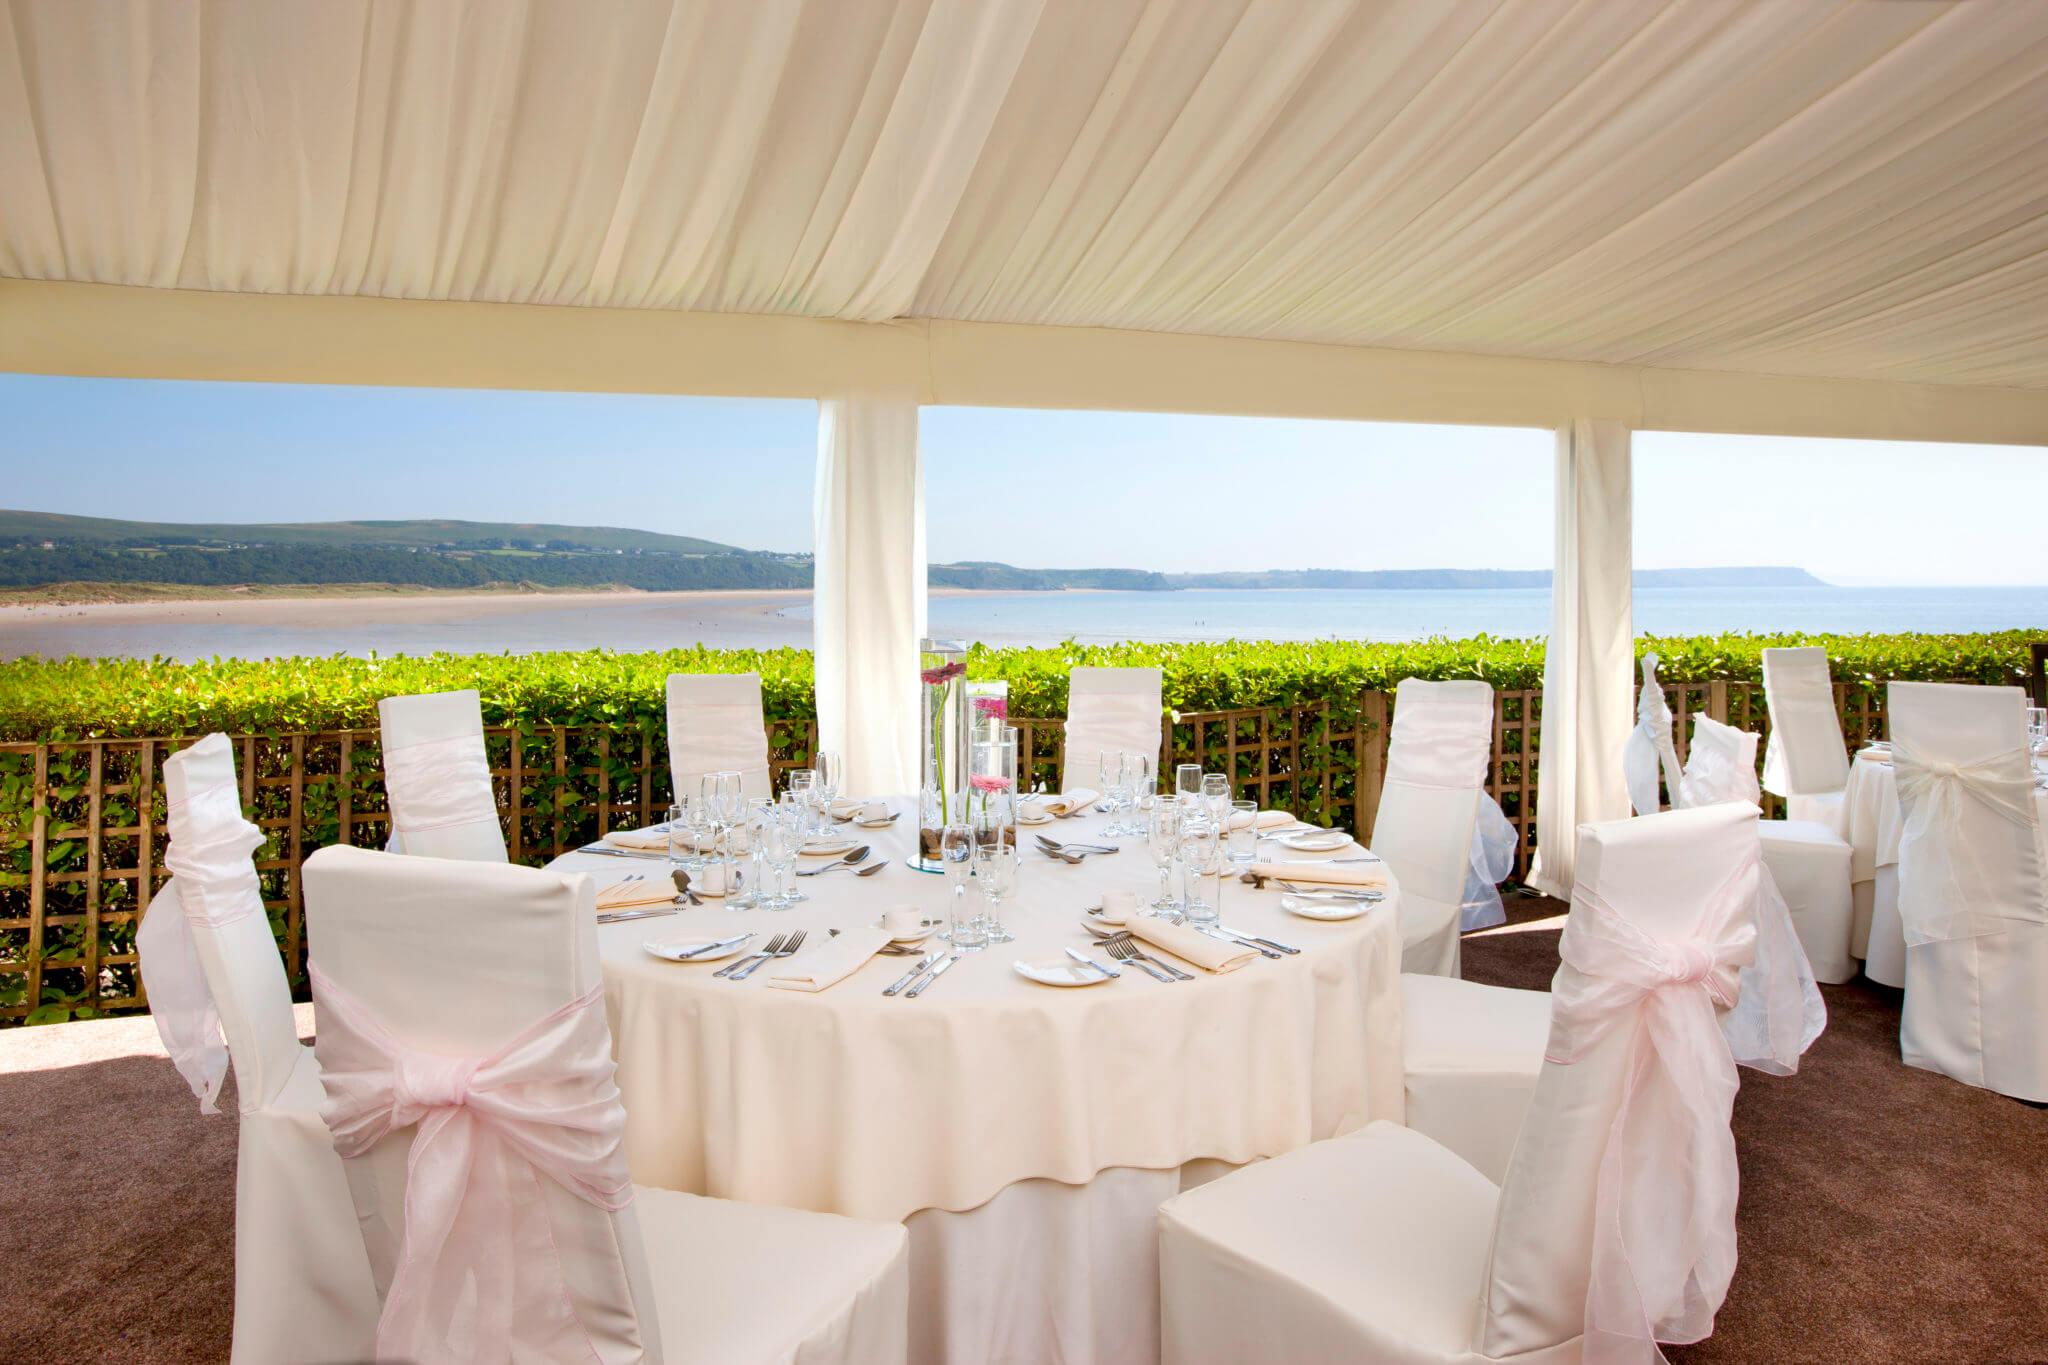 Beach Wedding Venue Gower Sea View Oxwich Bay Hotel